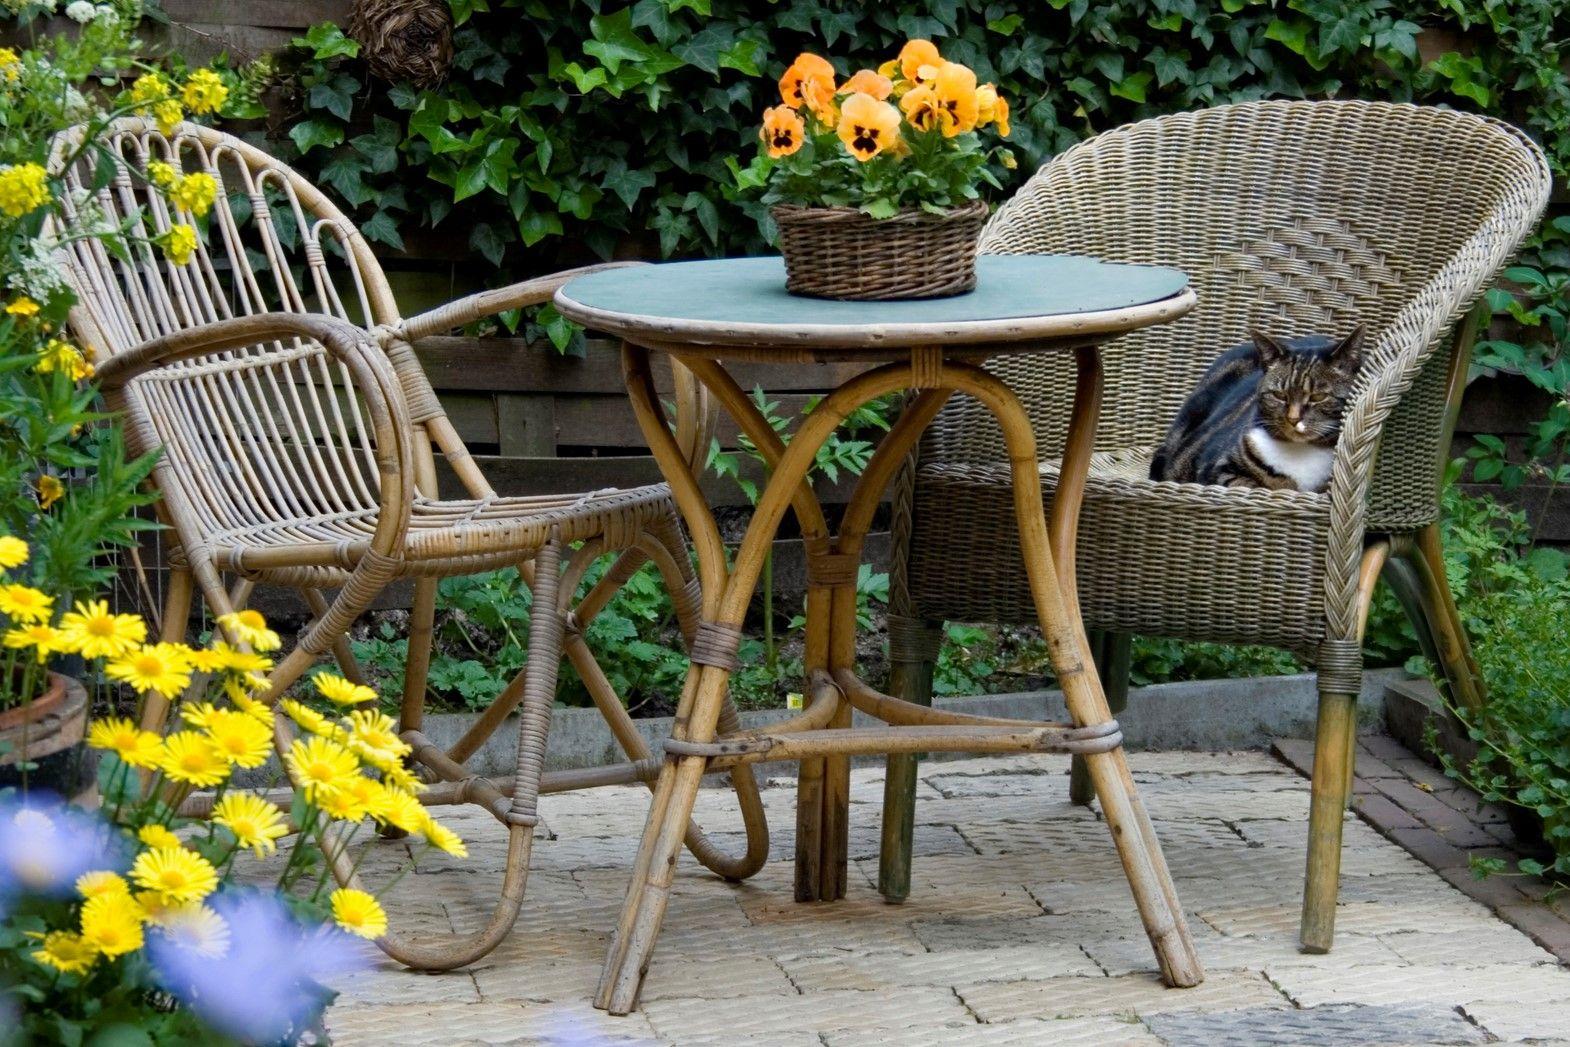 Comment choisir son mobilier de jardin